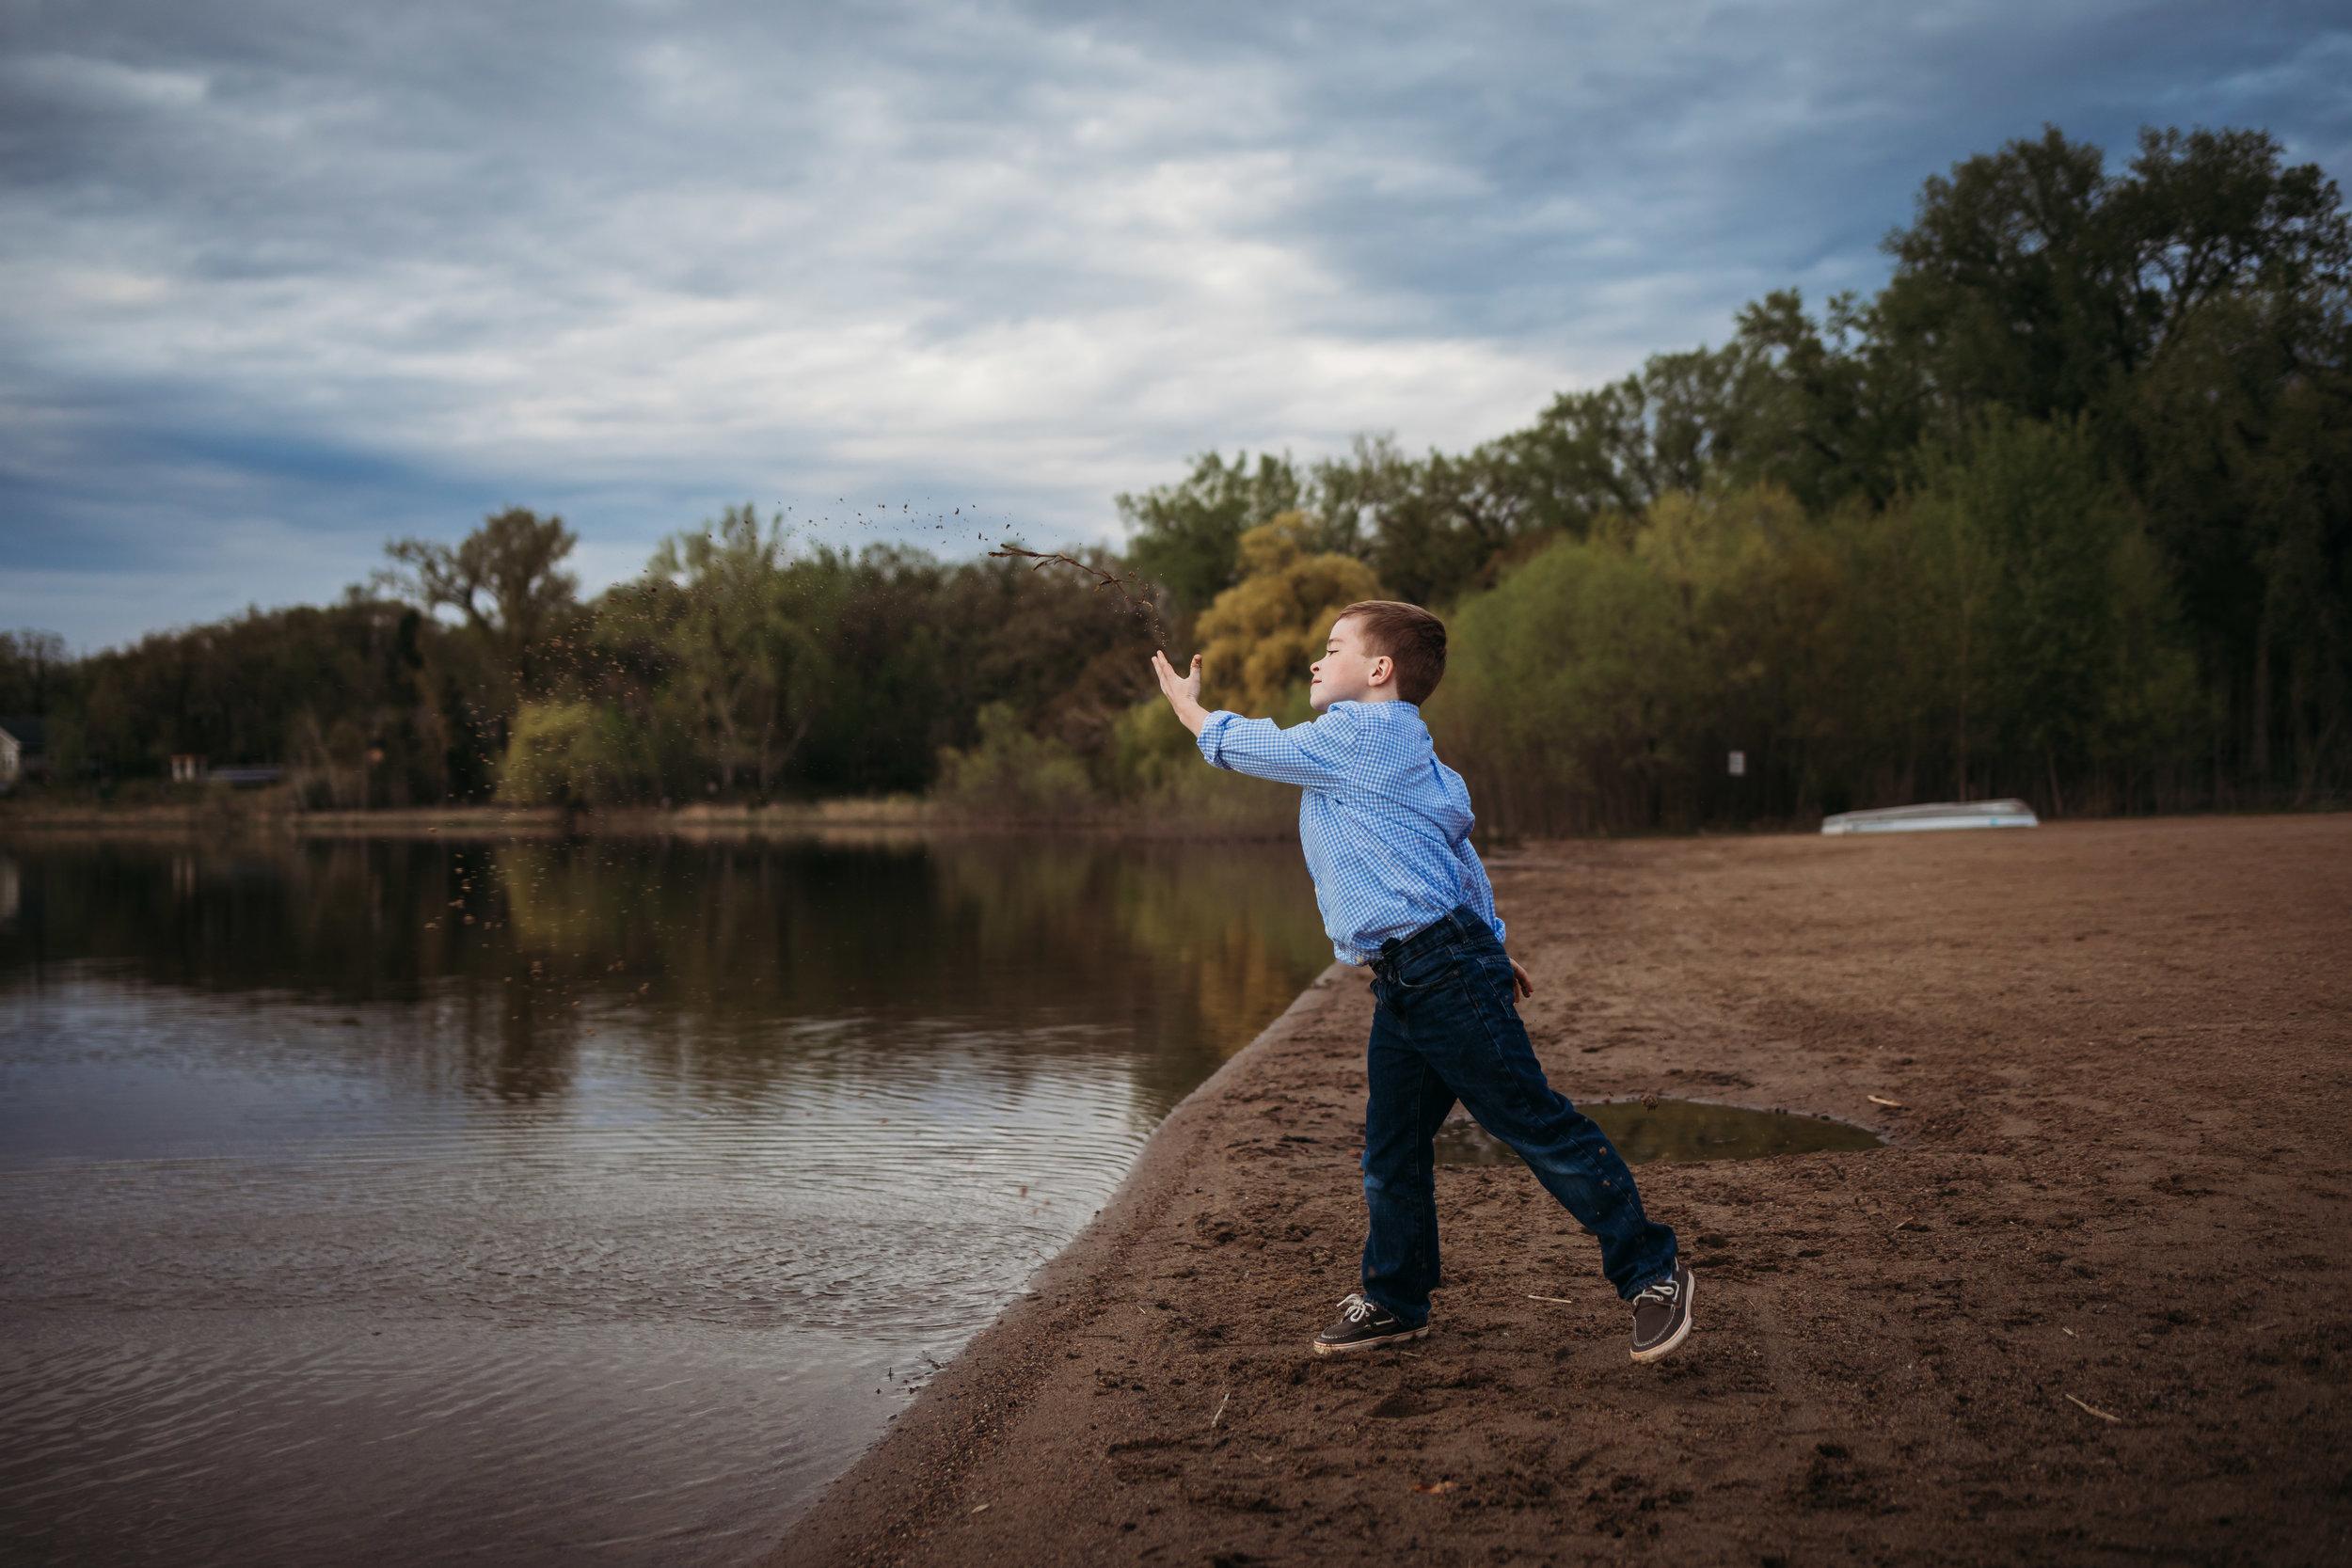 boy throwing rock into lake - Minneapolis Family Photographer